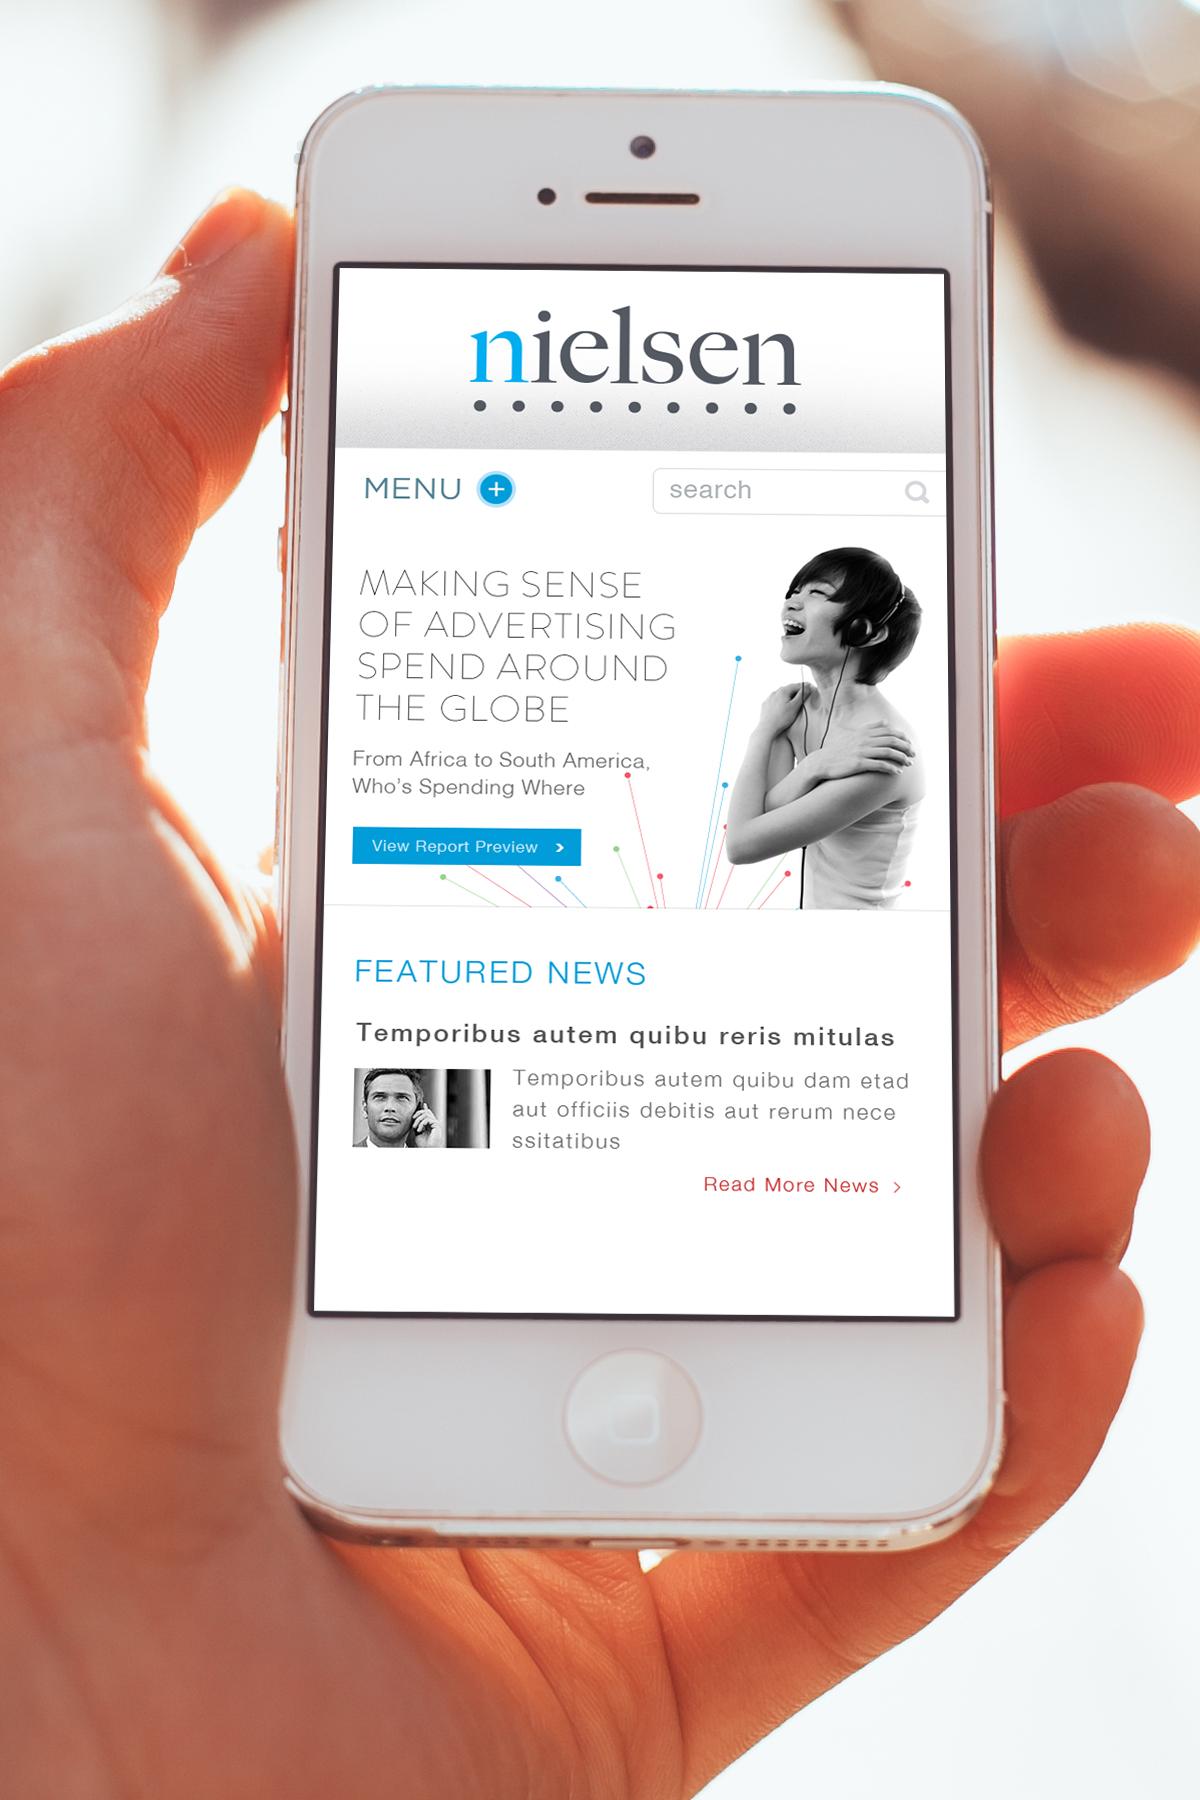 NielsenMob